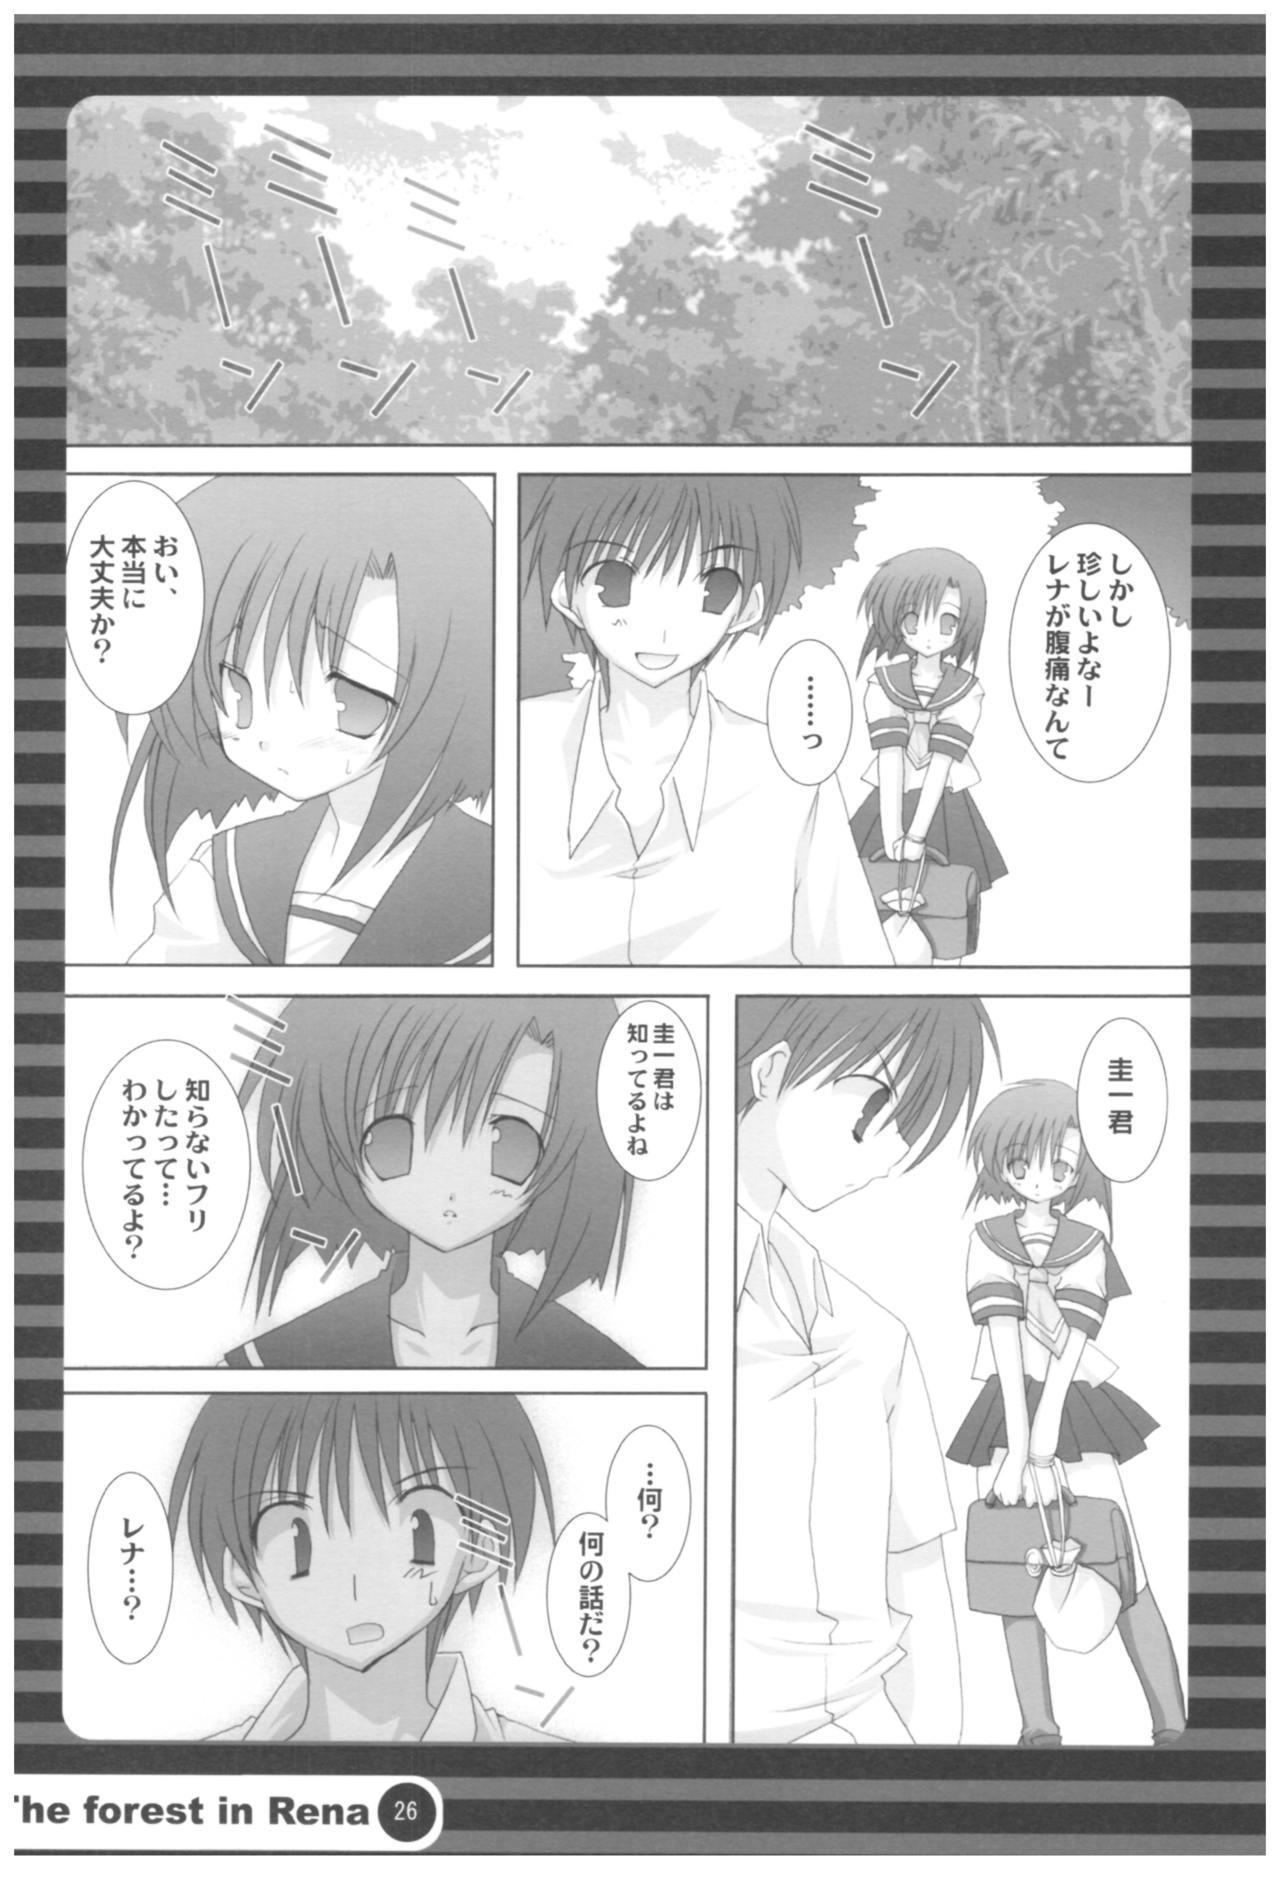 Naedoko Ikusei Kansatsu Kiroku 25